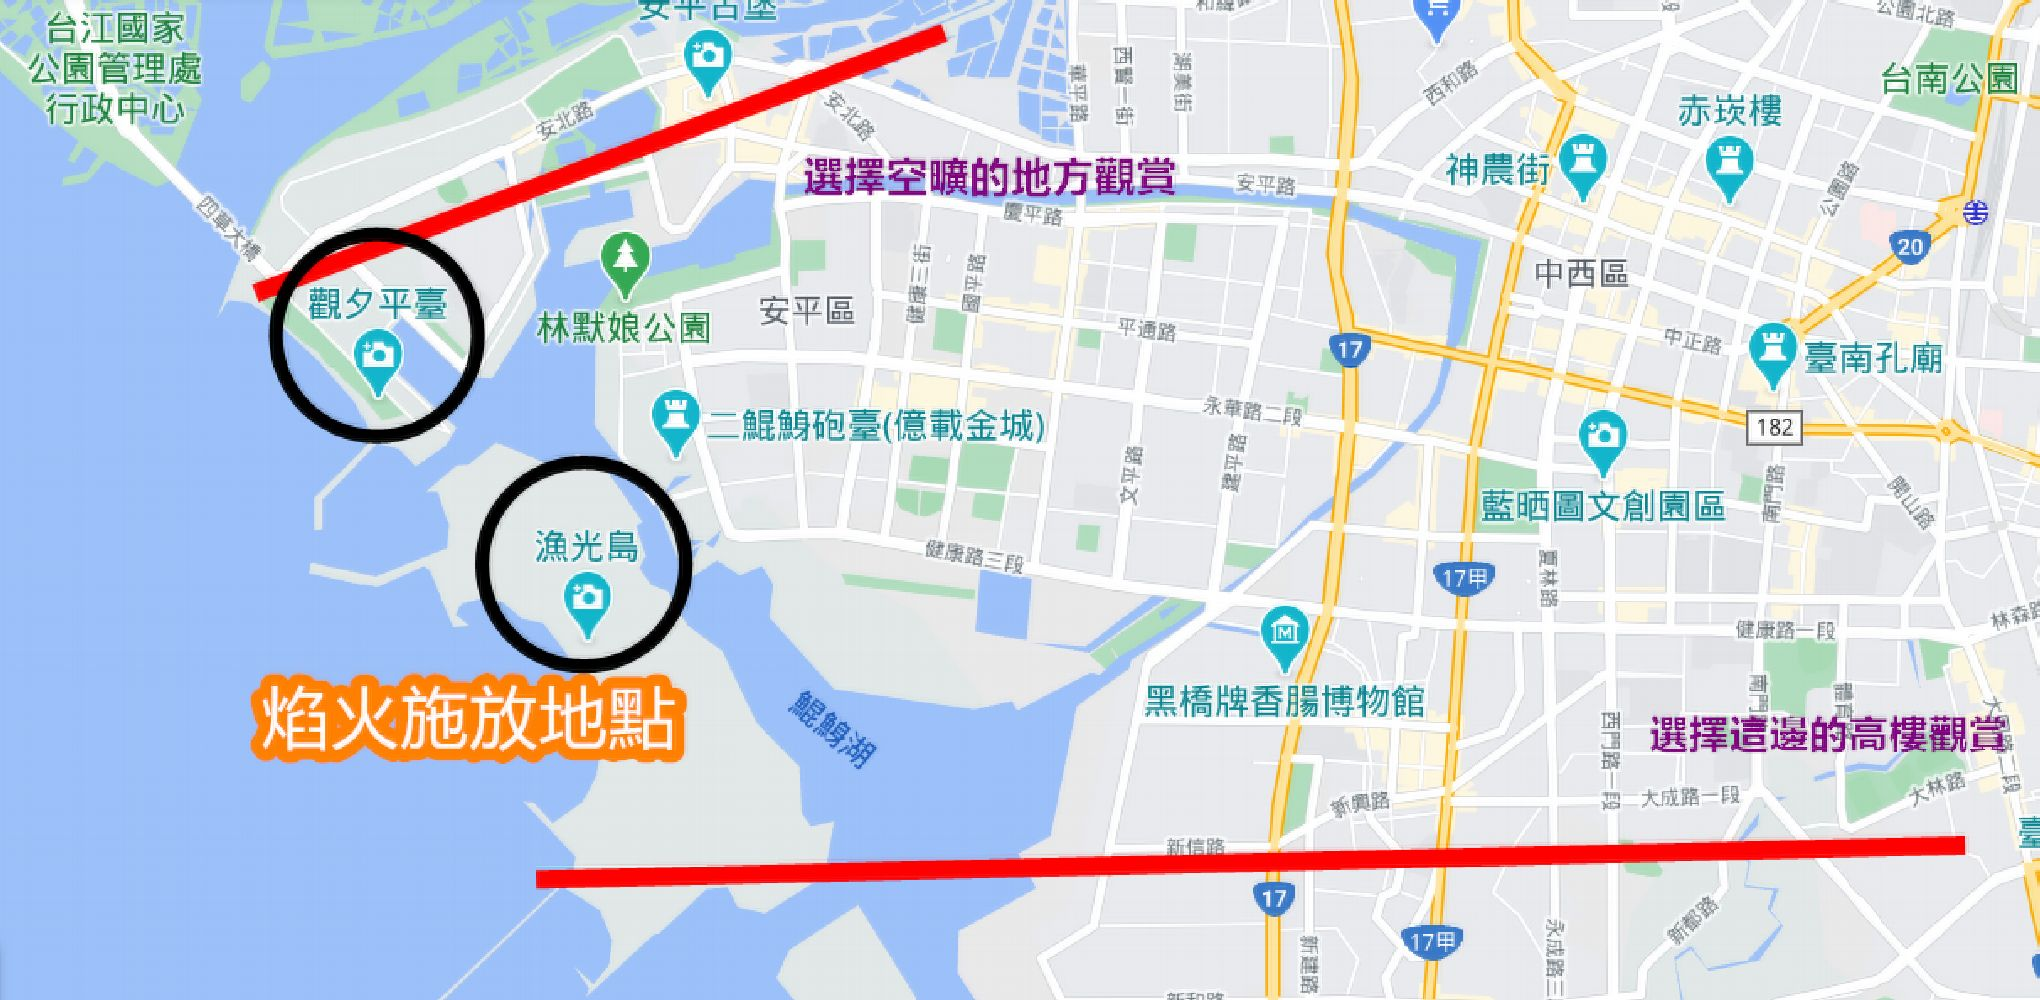 國慶焰火最佳觀賞區